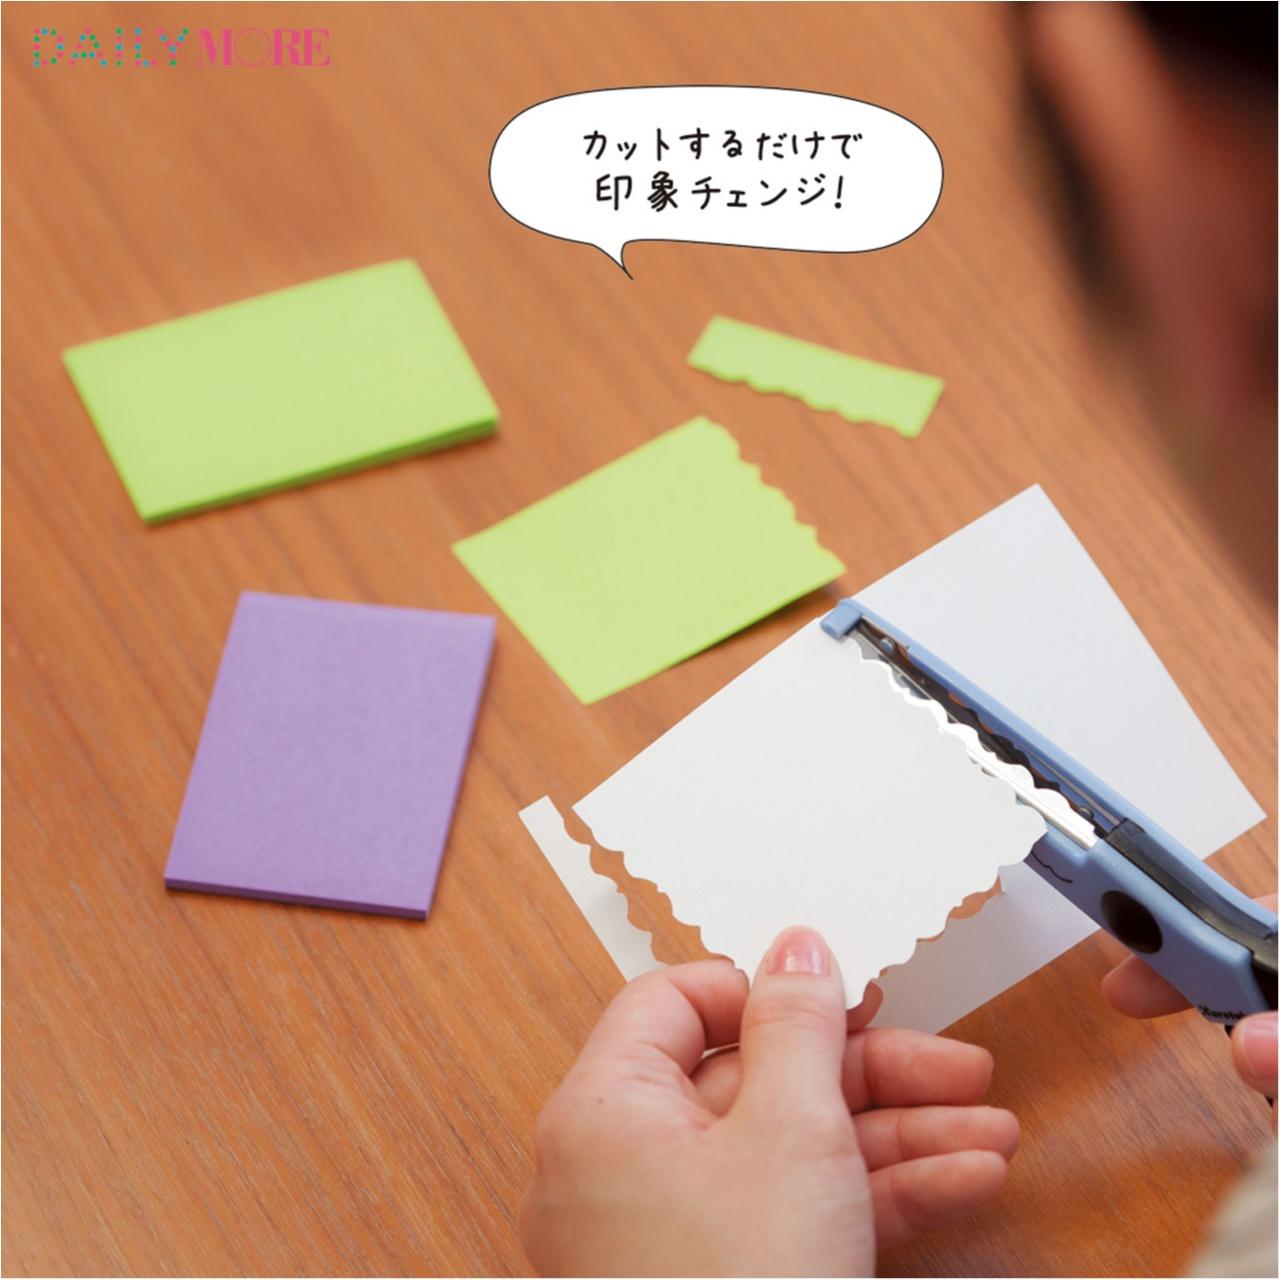 文具ソムリエール・菅 未里さんが教える! ほめられ「こてがみ」の極意♡_3